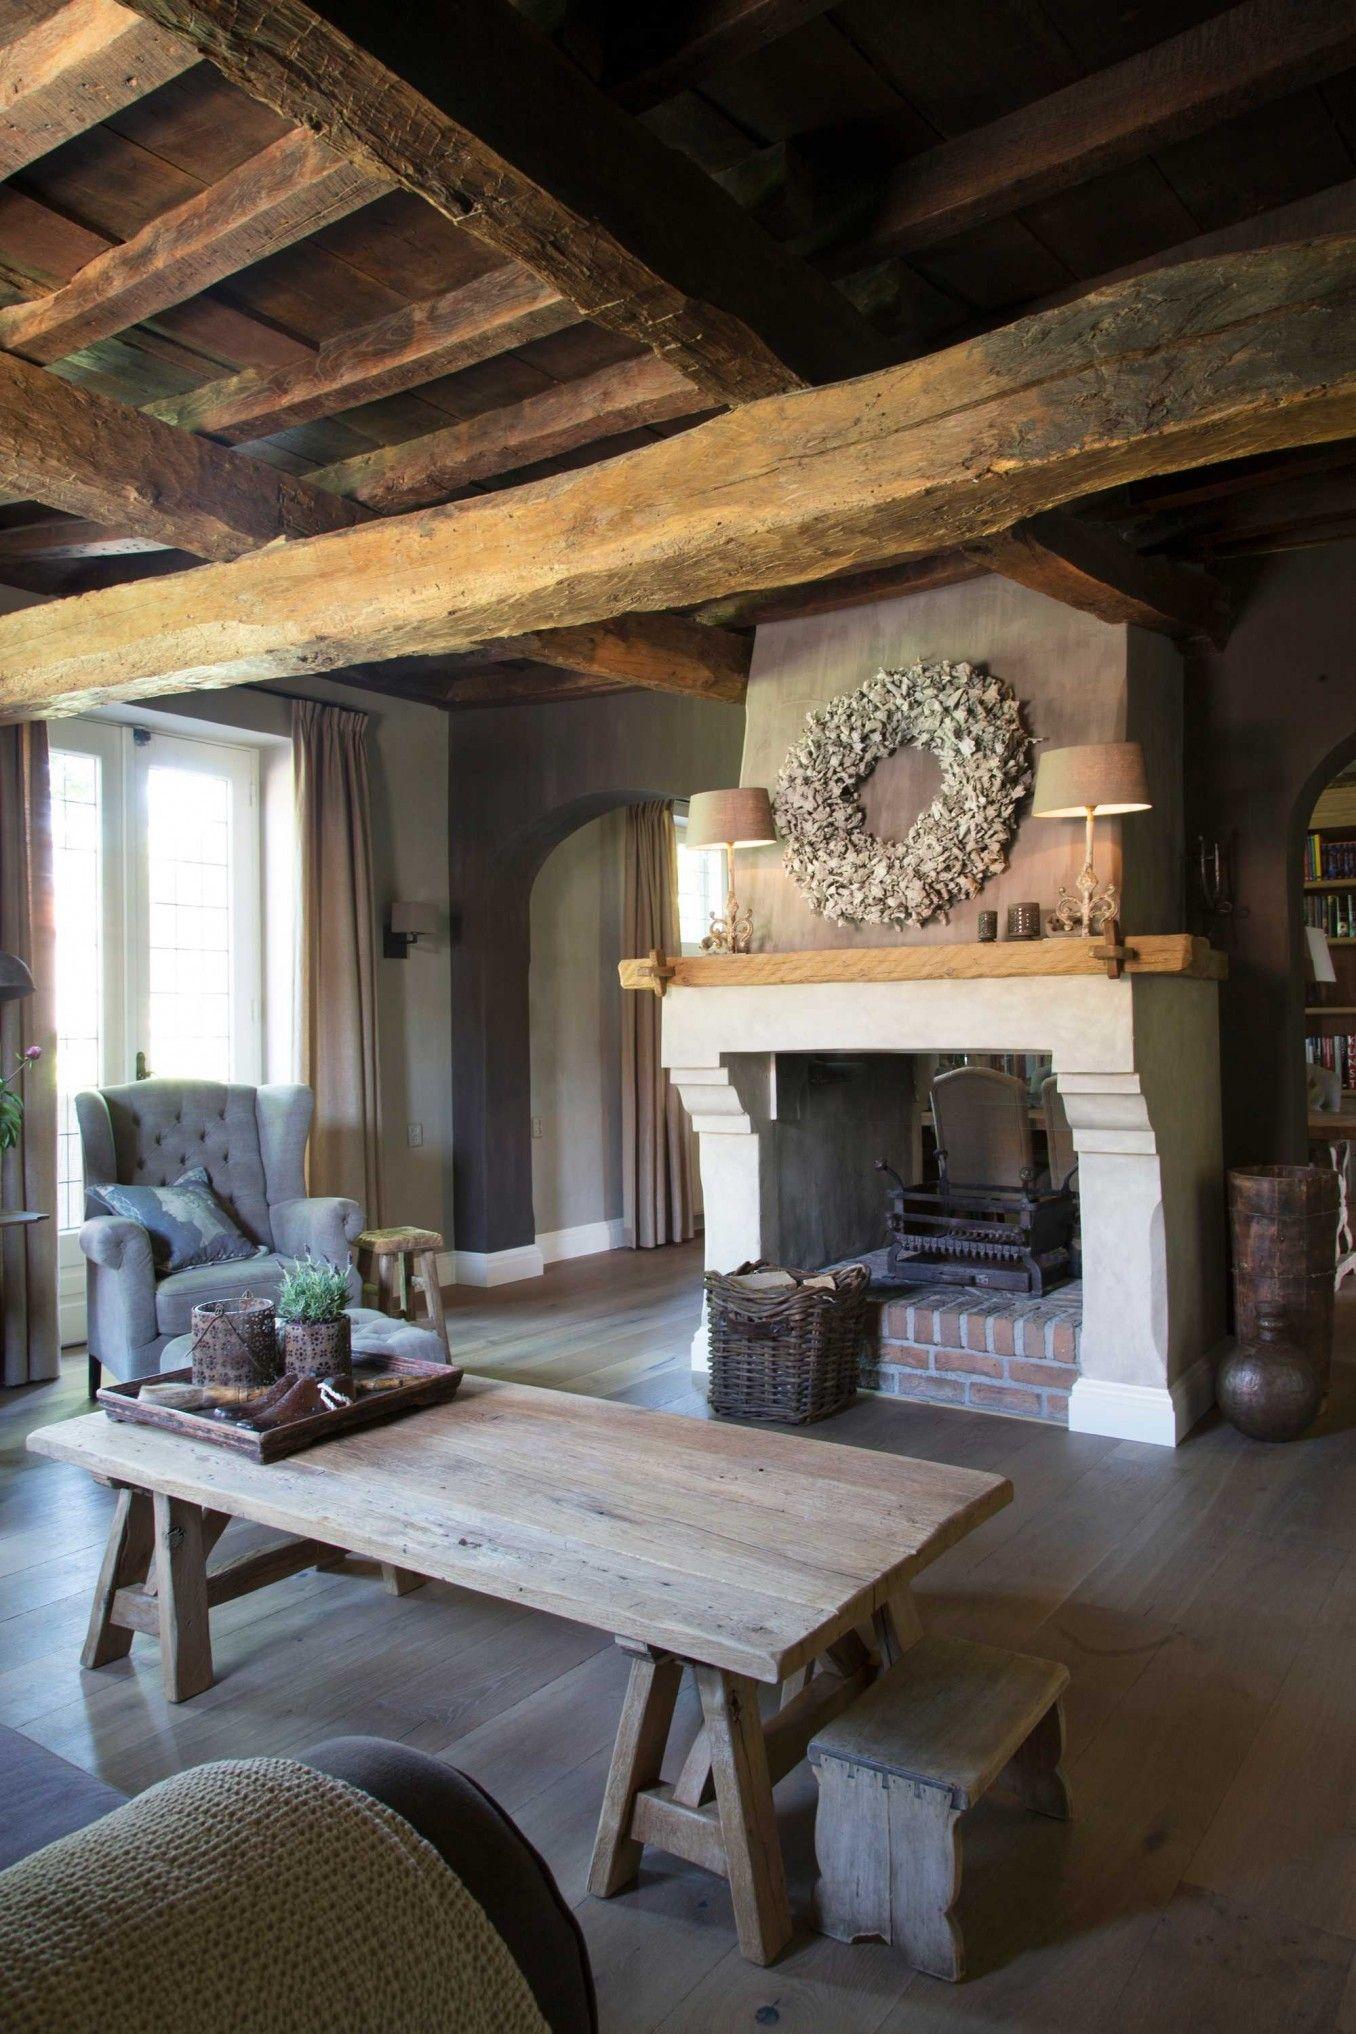 woonkamer-haardvuur-3 - woontips | Pinterest - Landelijk wonen ...